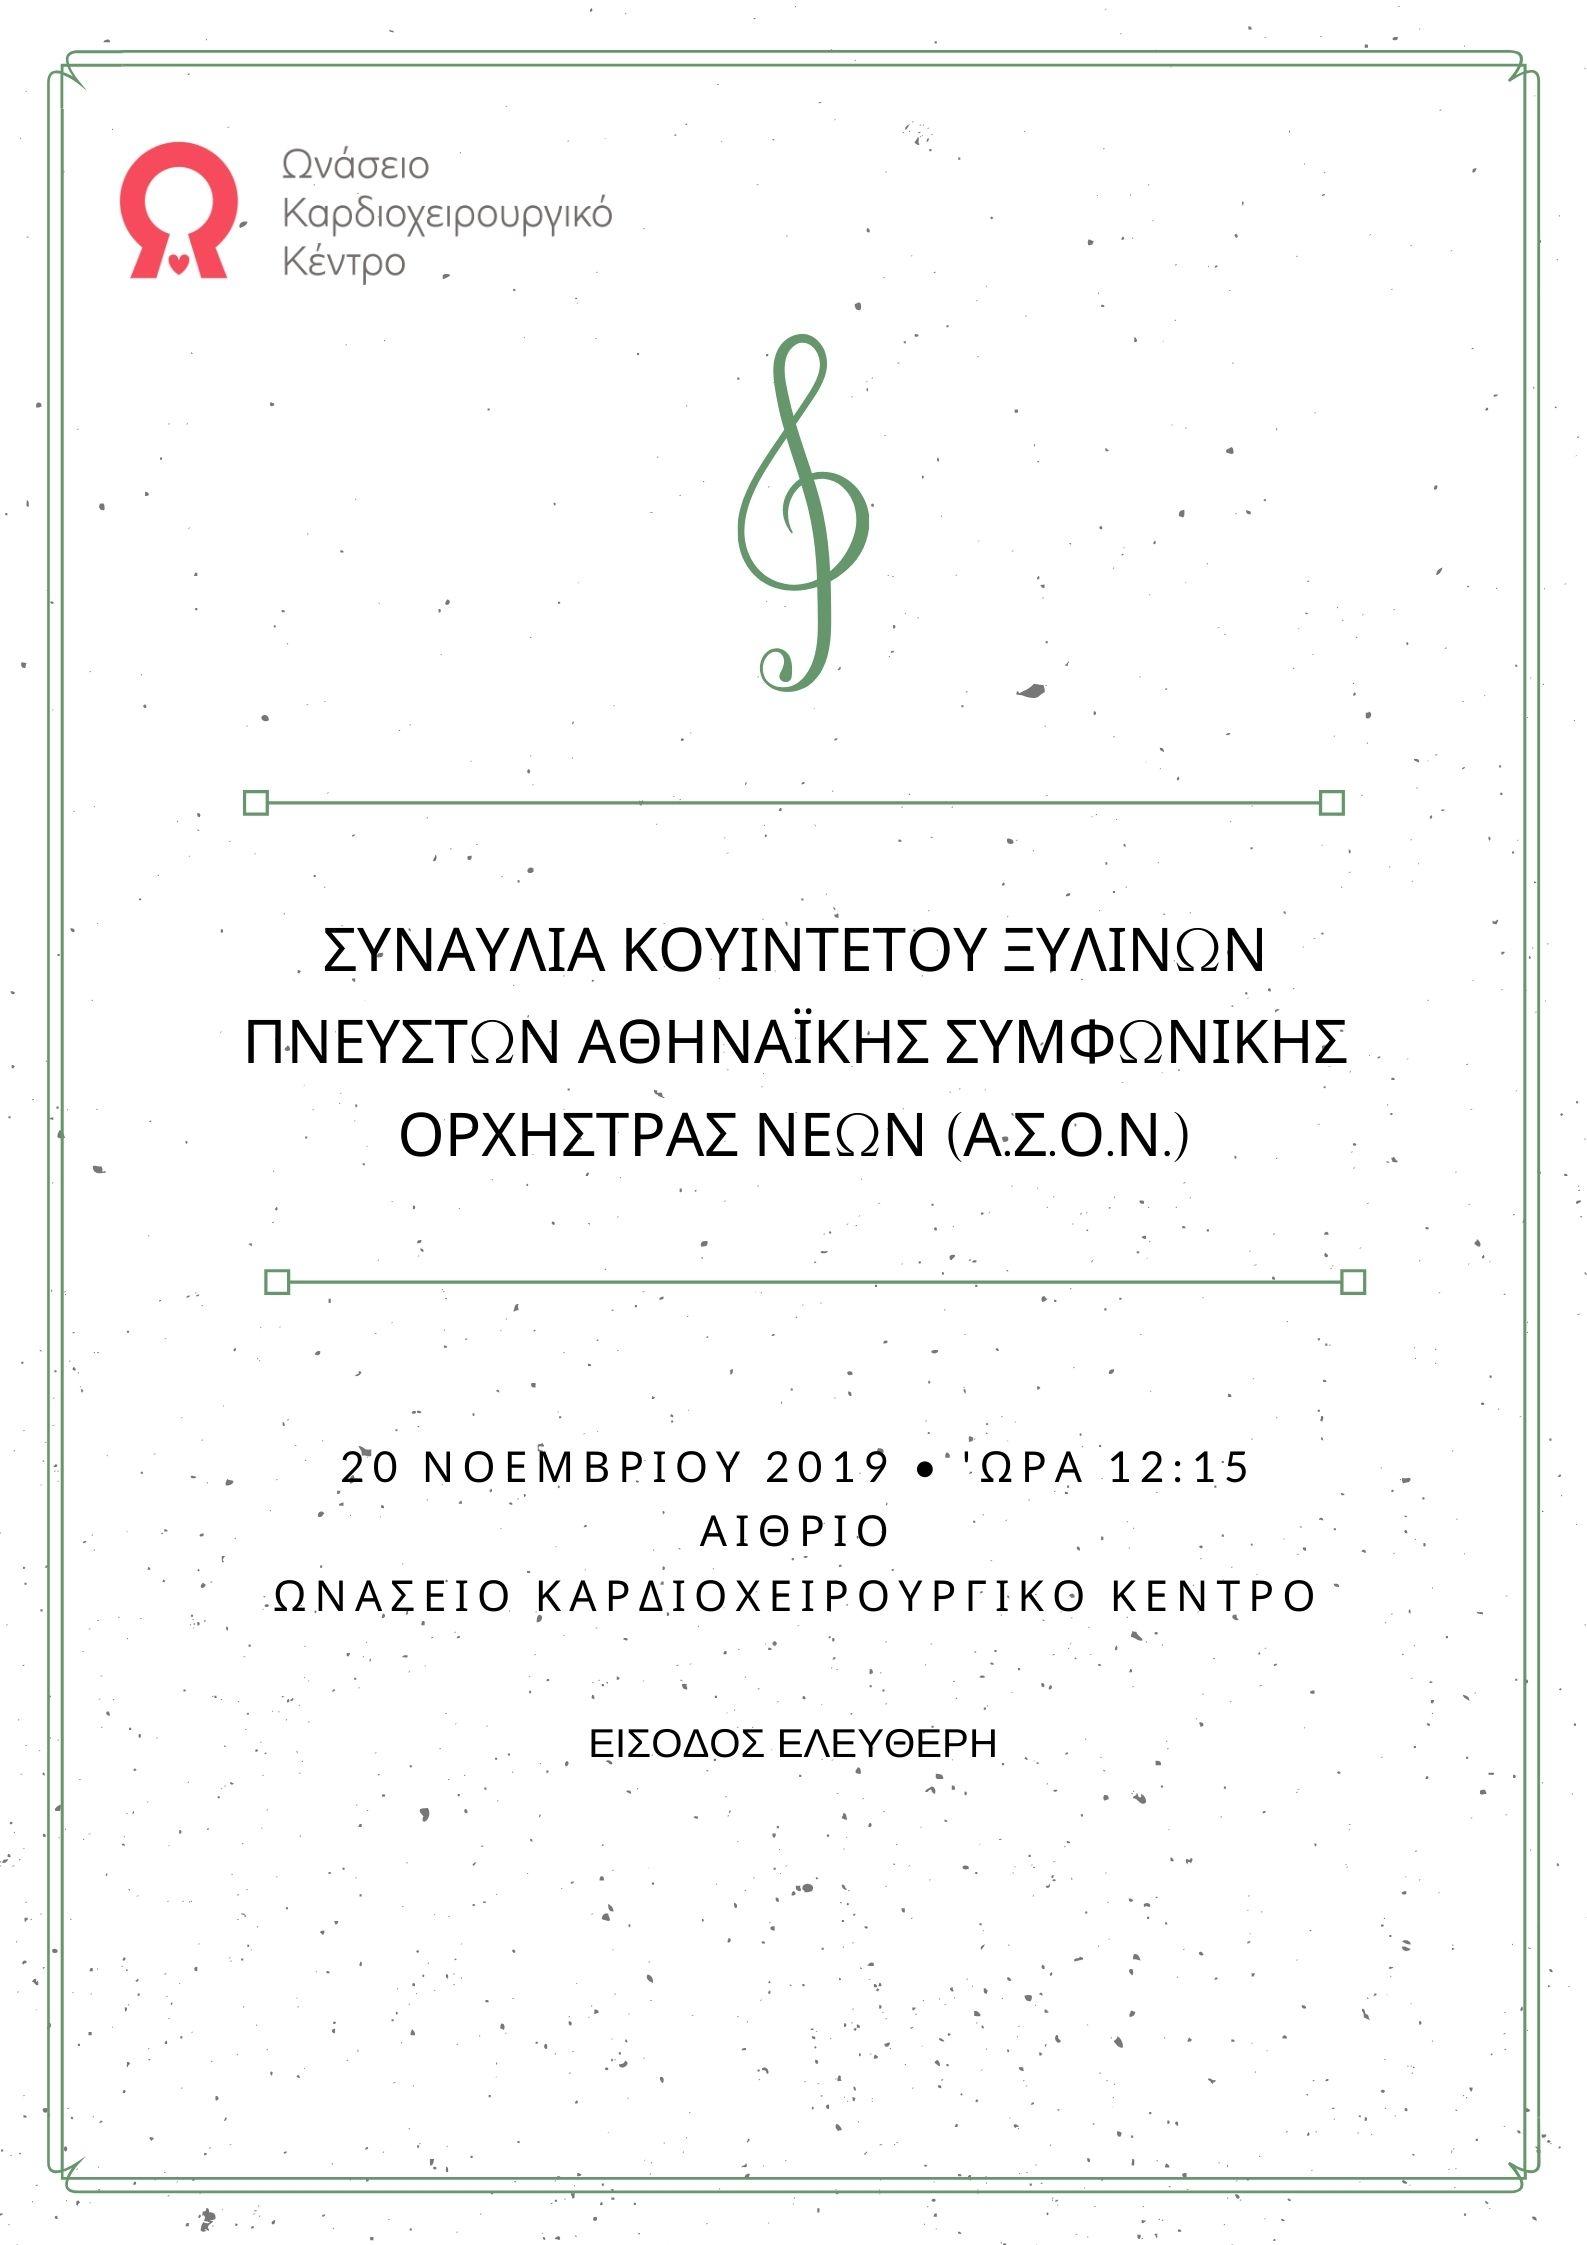 Αφίσα Συναυλίας ΑΣΟΝ